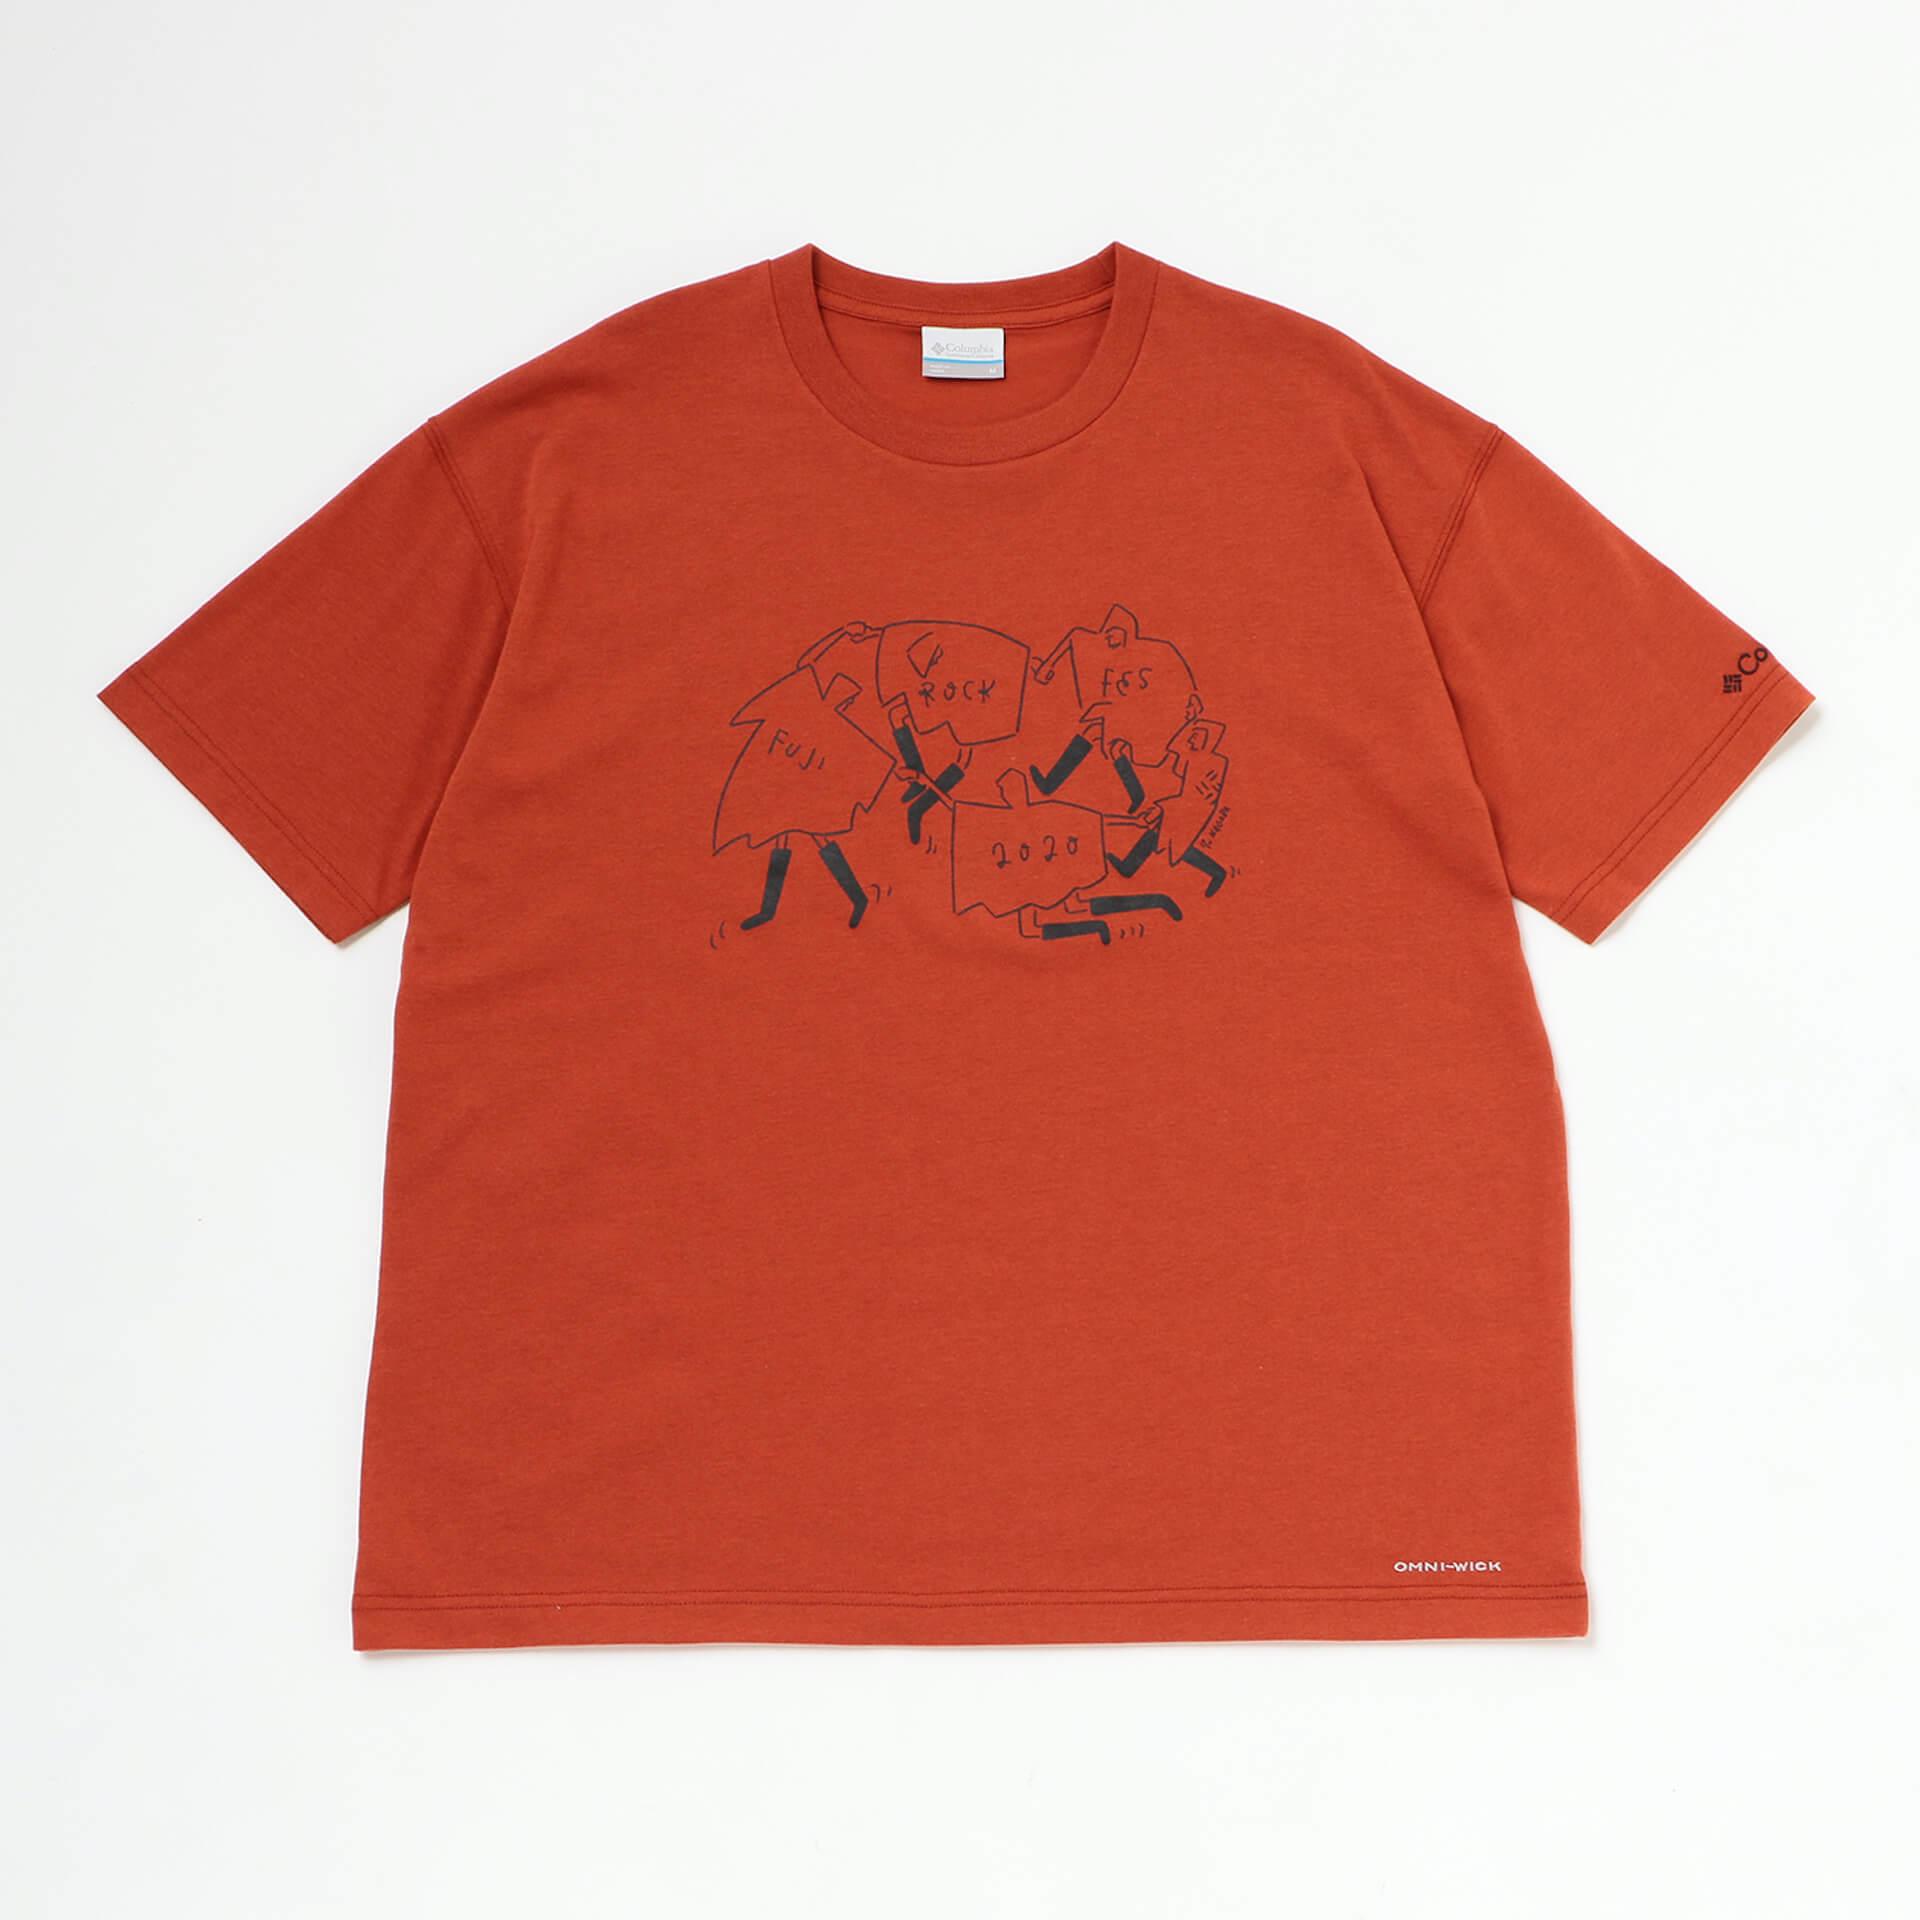 Columbiaと<FUJI ROCK FESTIVAL'20>がコラボ!長場雄のイラストが描かれた機能的なTシャツが登場 lf200630_columbia_fujirock_01